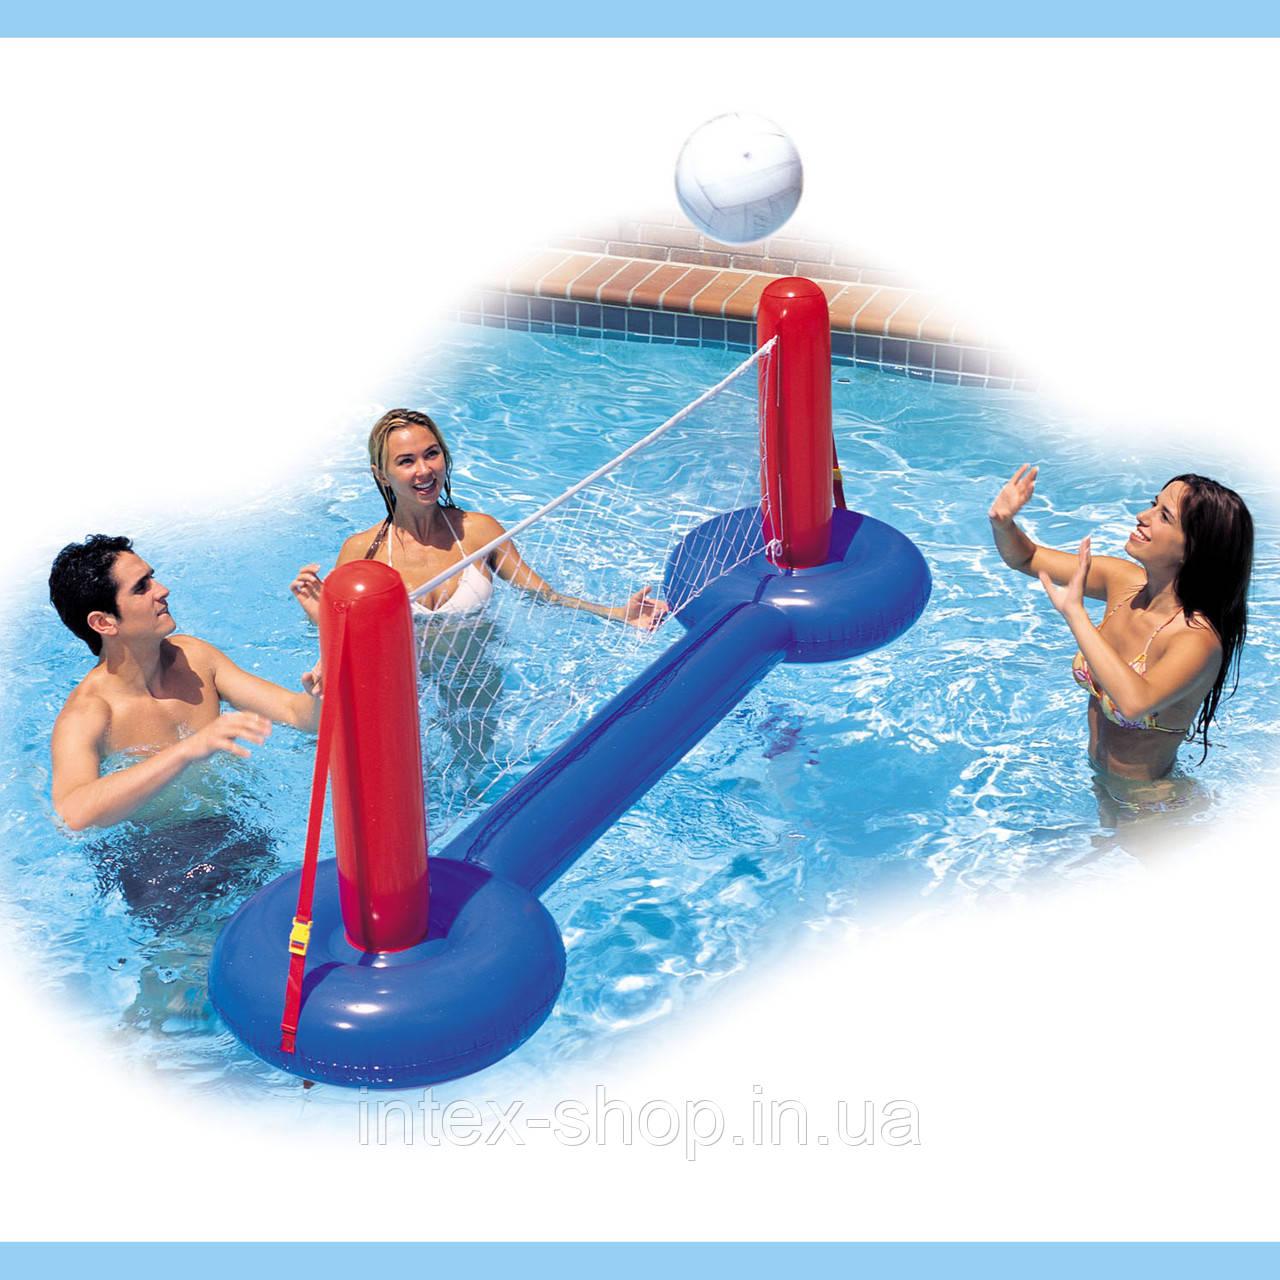 Надувний набір для водного волейболу з сіткою Intex 58502